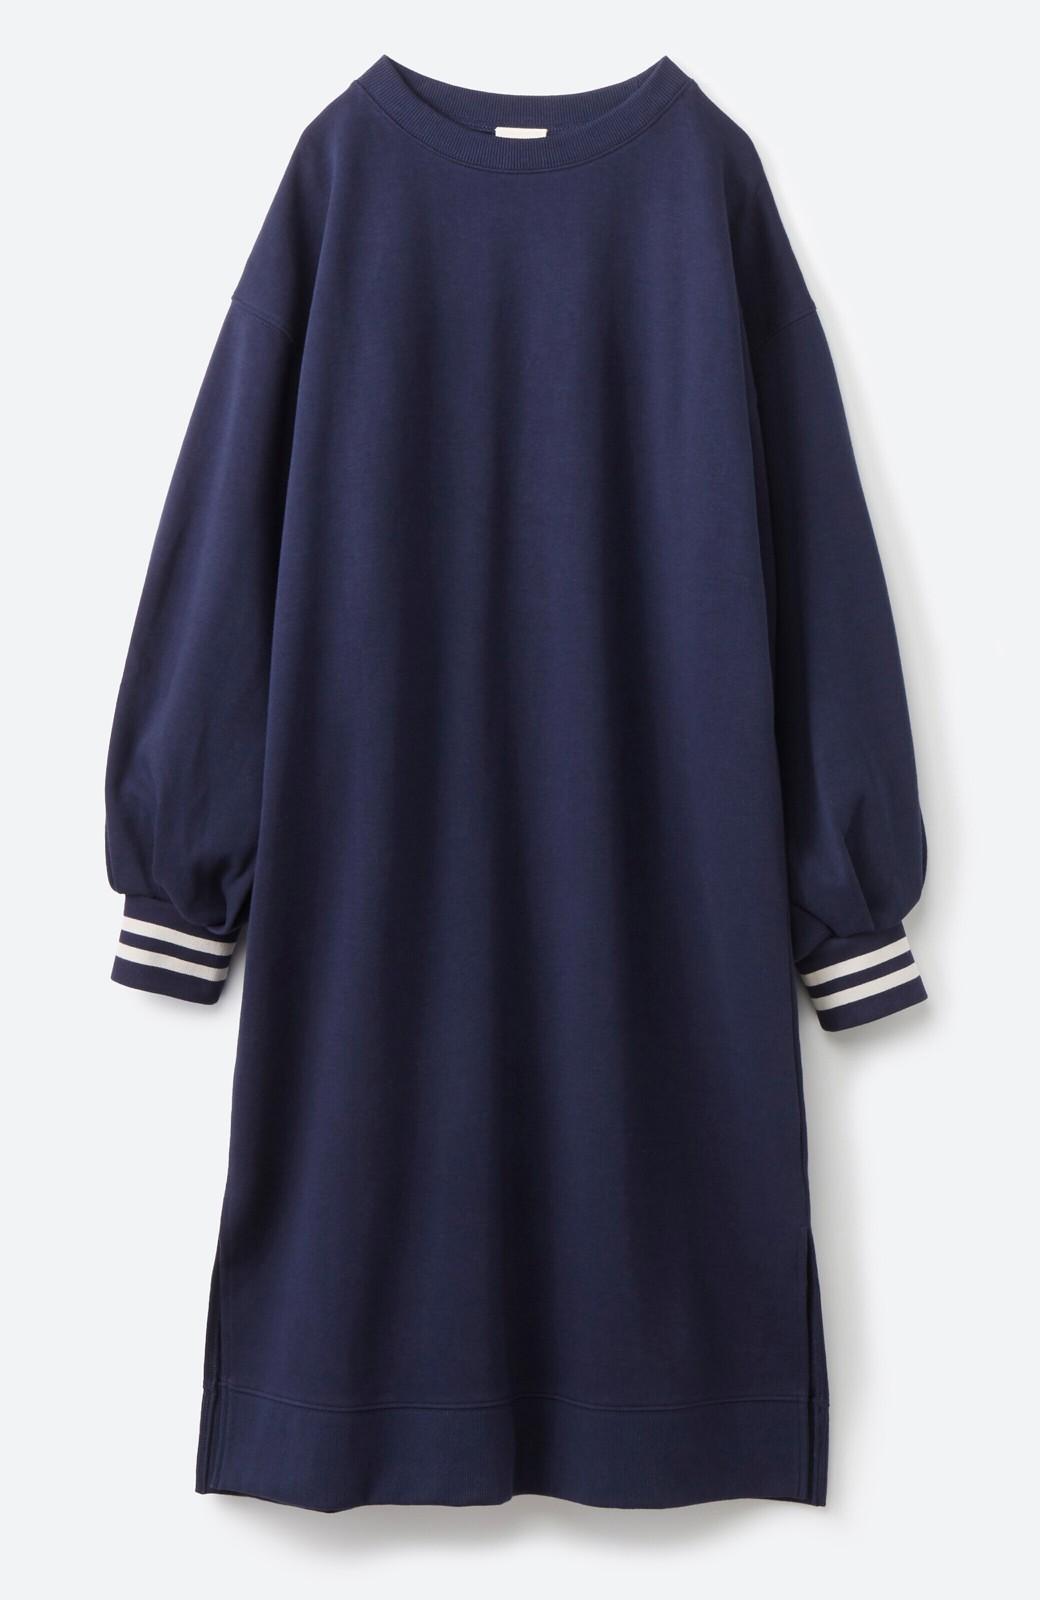 haco! 子どもっぽくならない 袖ボリュームのきれいめ大人女子スウェットワンピース <ネイビー>の商品写真2